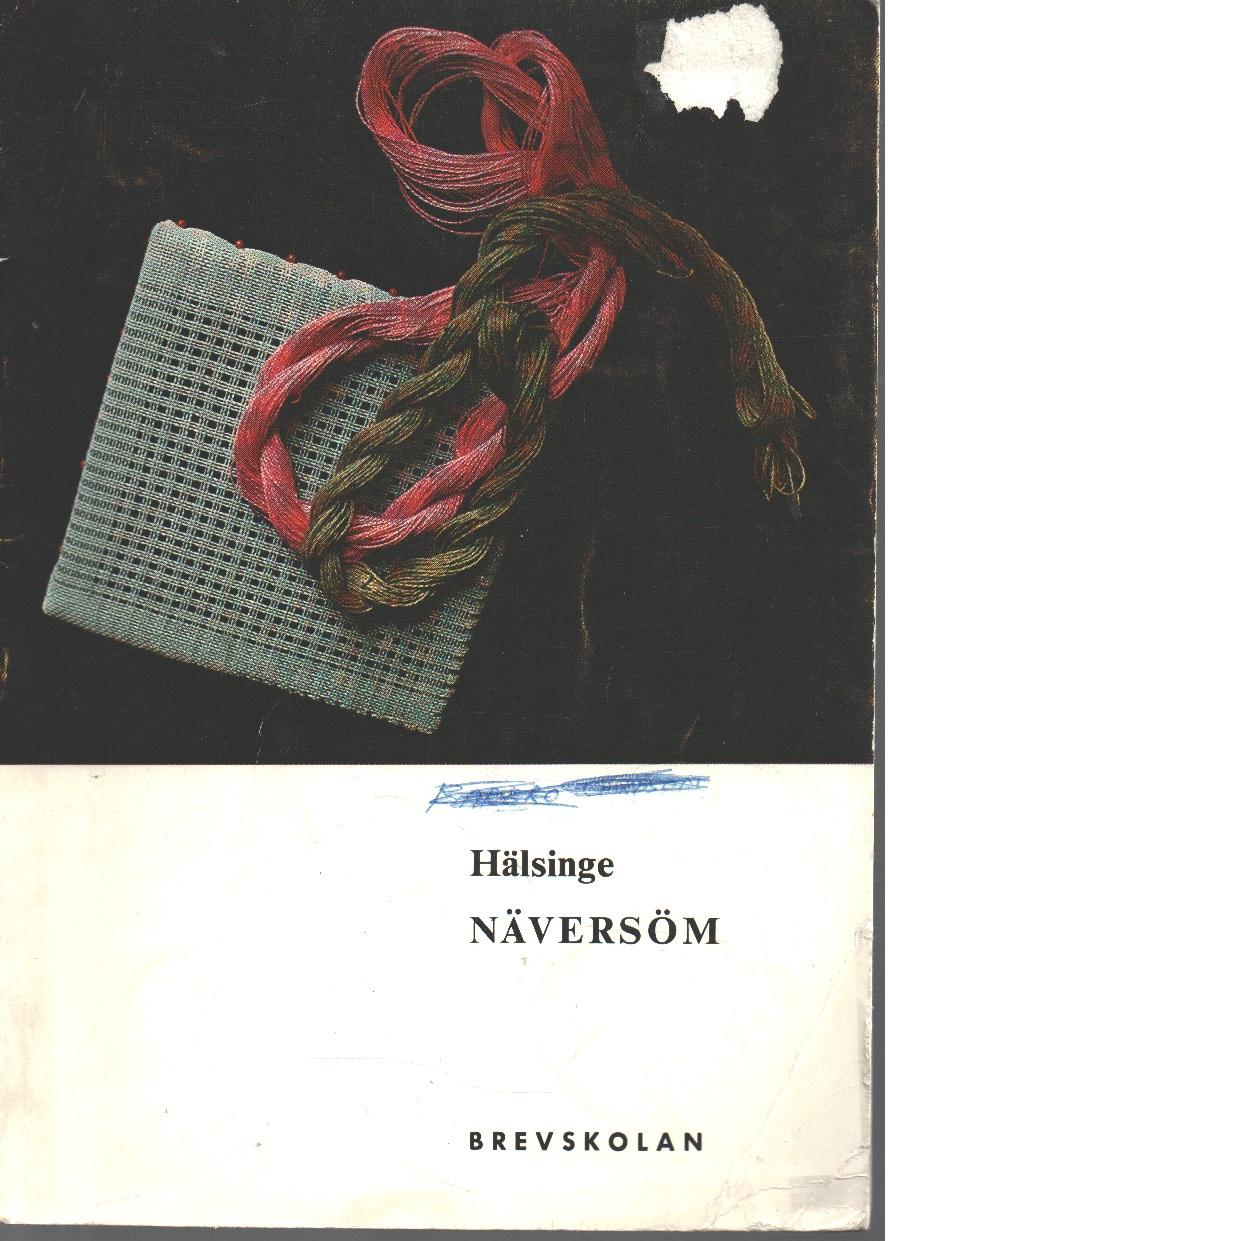 Hälsingenäversöm - Andréasson, Maja och Sköld, Elin samtMuth-Nordin, Britta